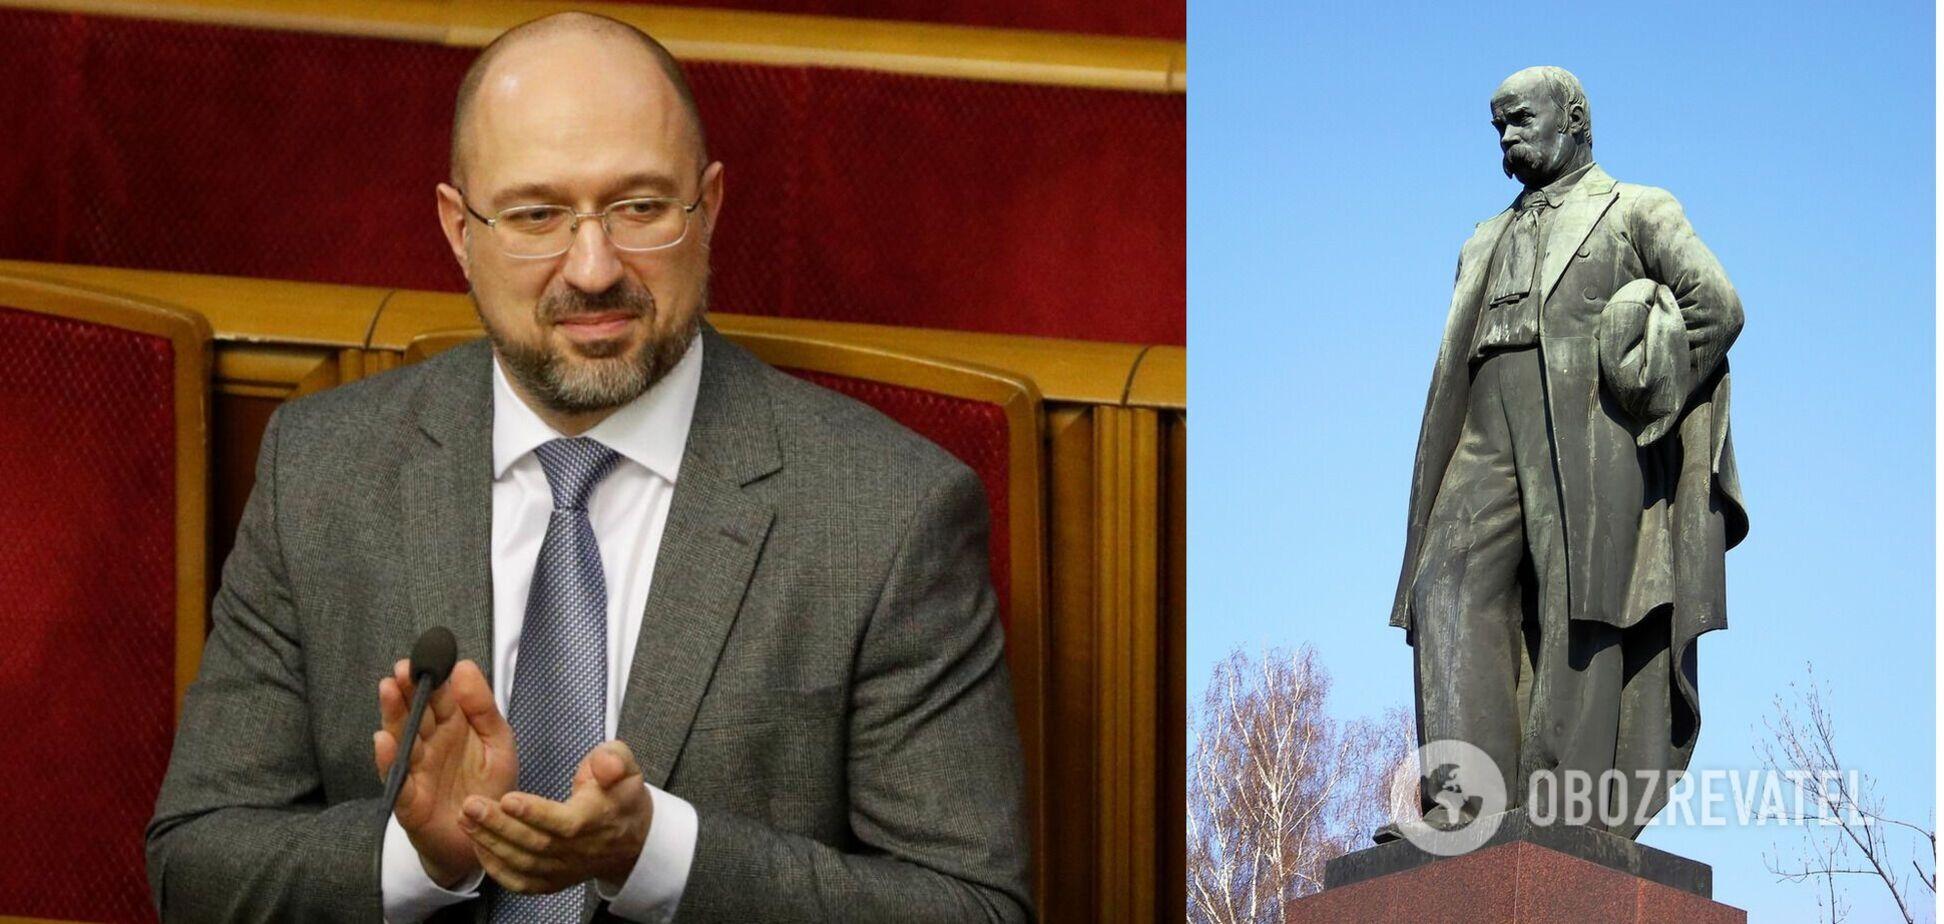 Денис Шмыгаль развеселил соцсети постом о Тарасе Шевченко